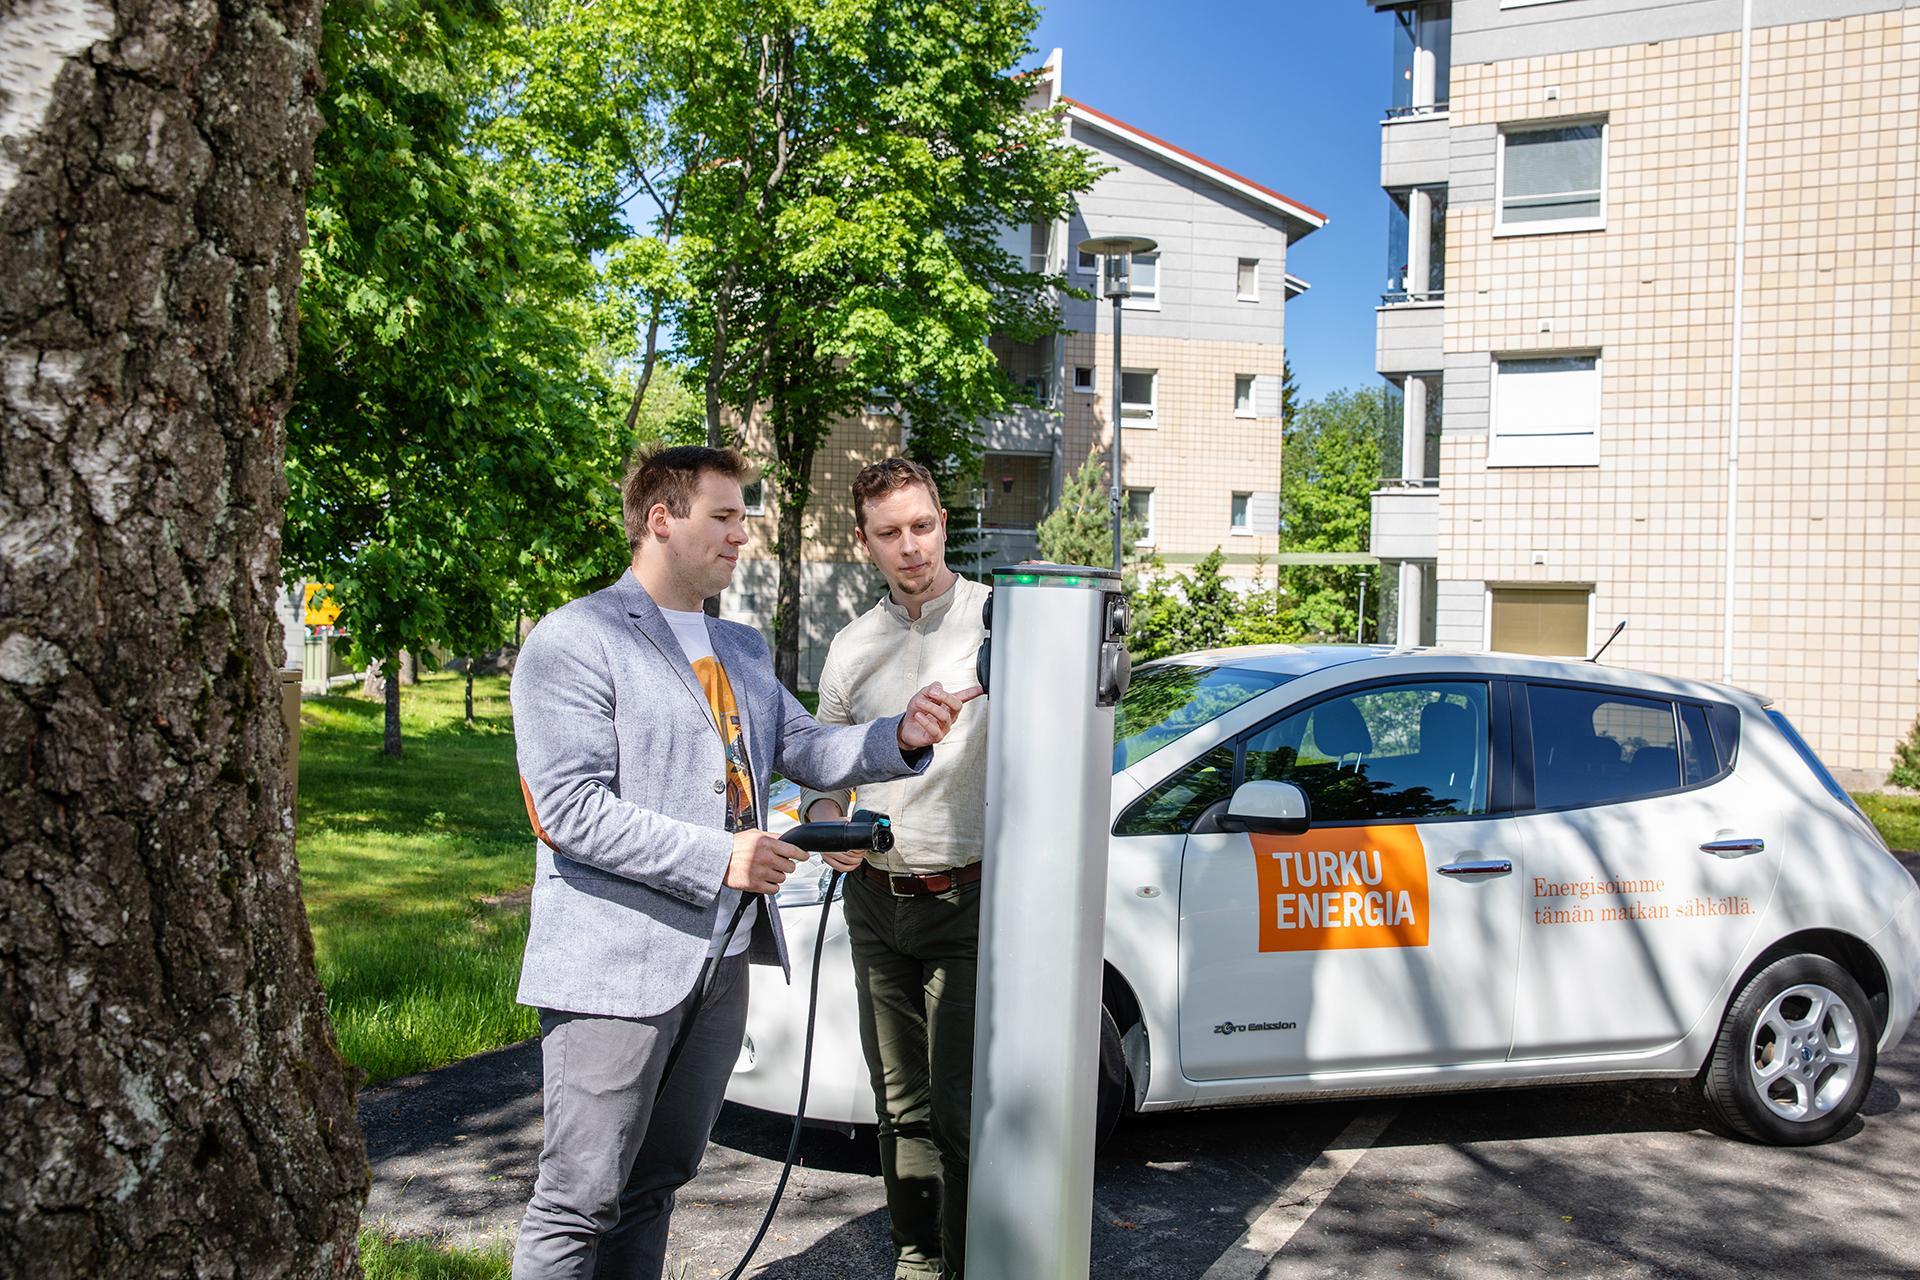 Kaksi miestä tutustumassa sähköauton latauslaitteeseen kerrostalon parkkipaikalla.